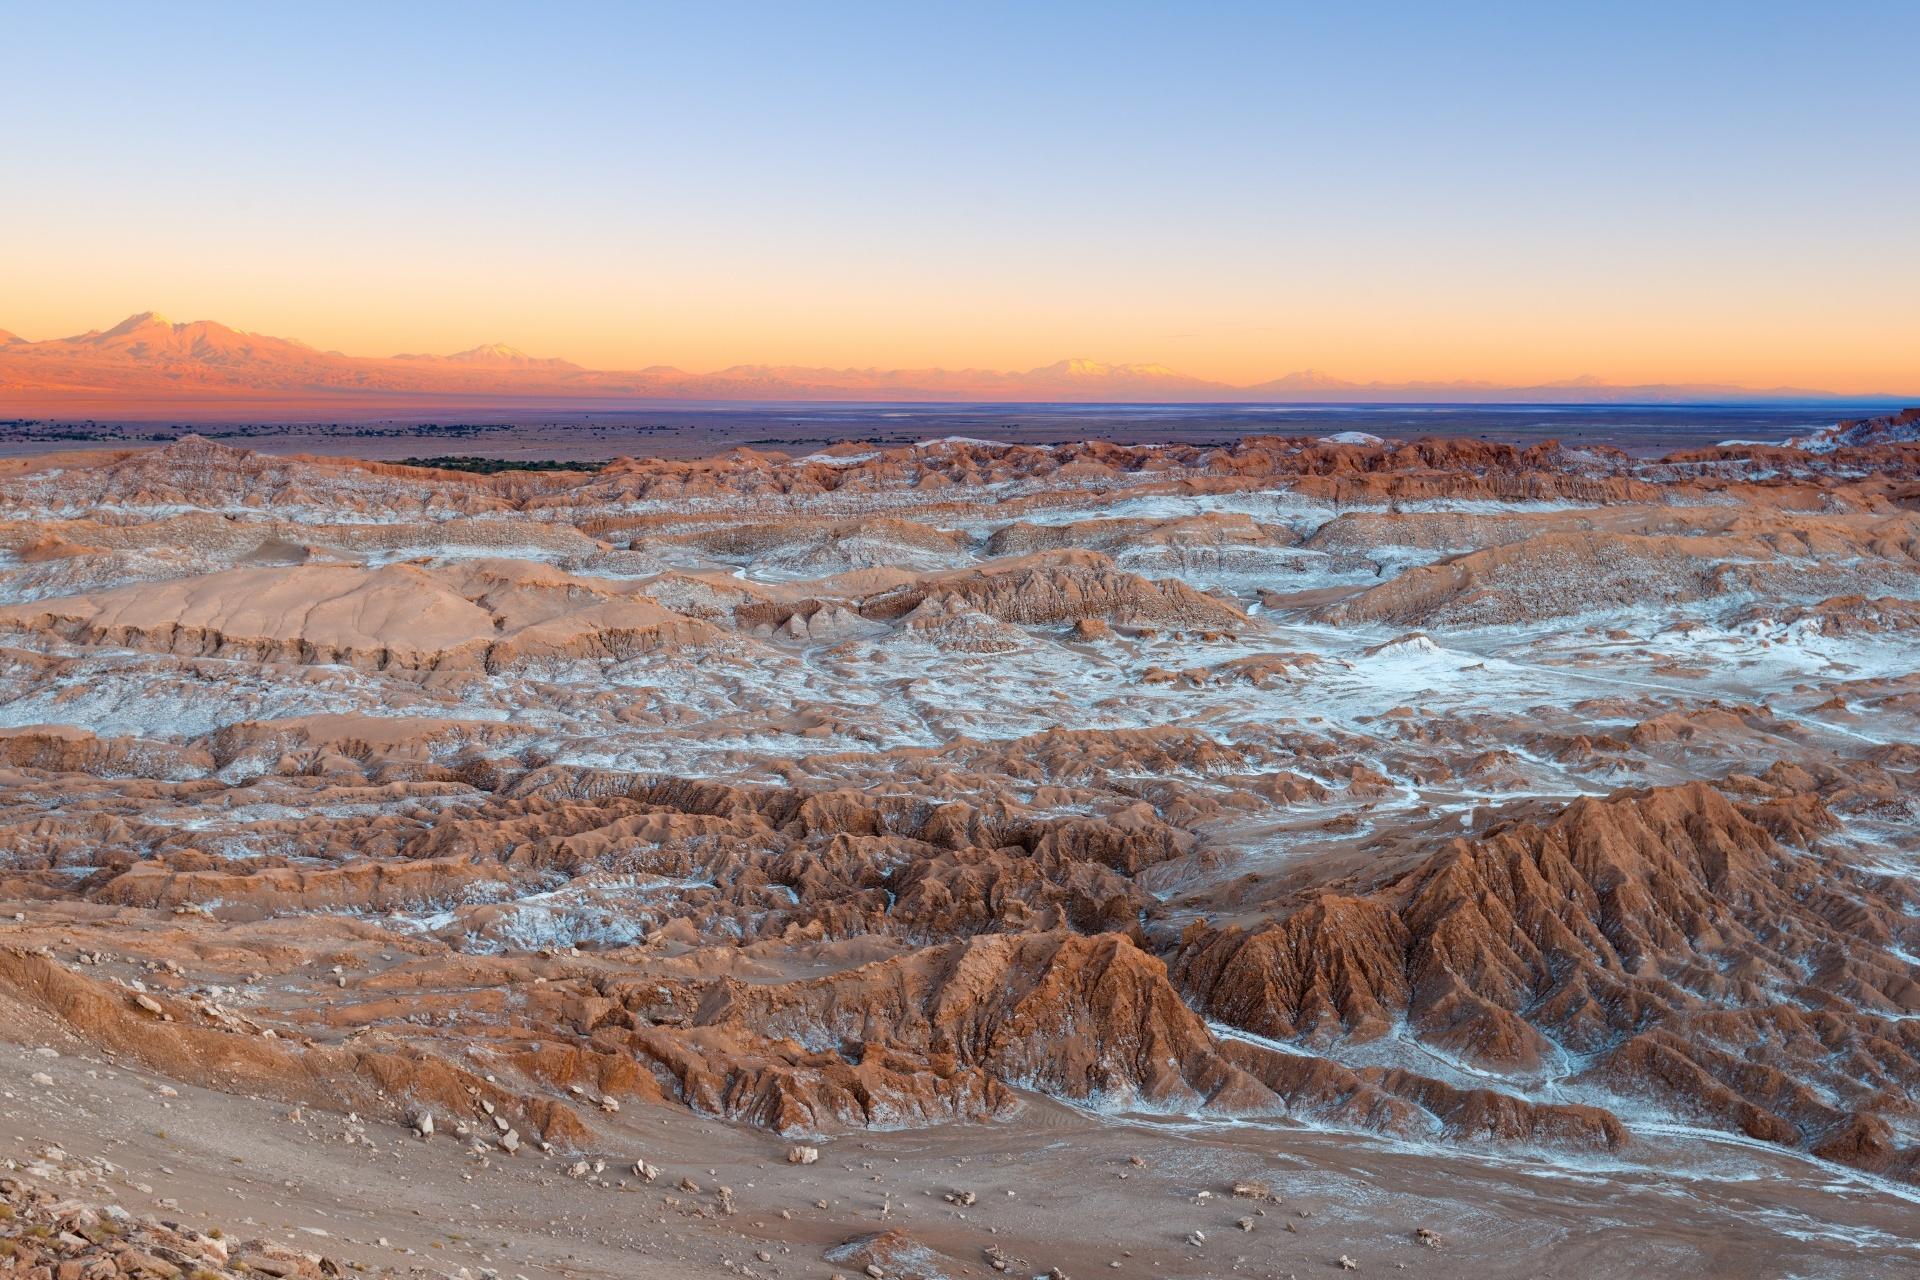 アタカマ砂漠 月の谷の風景 チリの風景